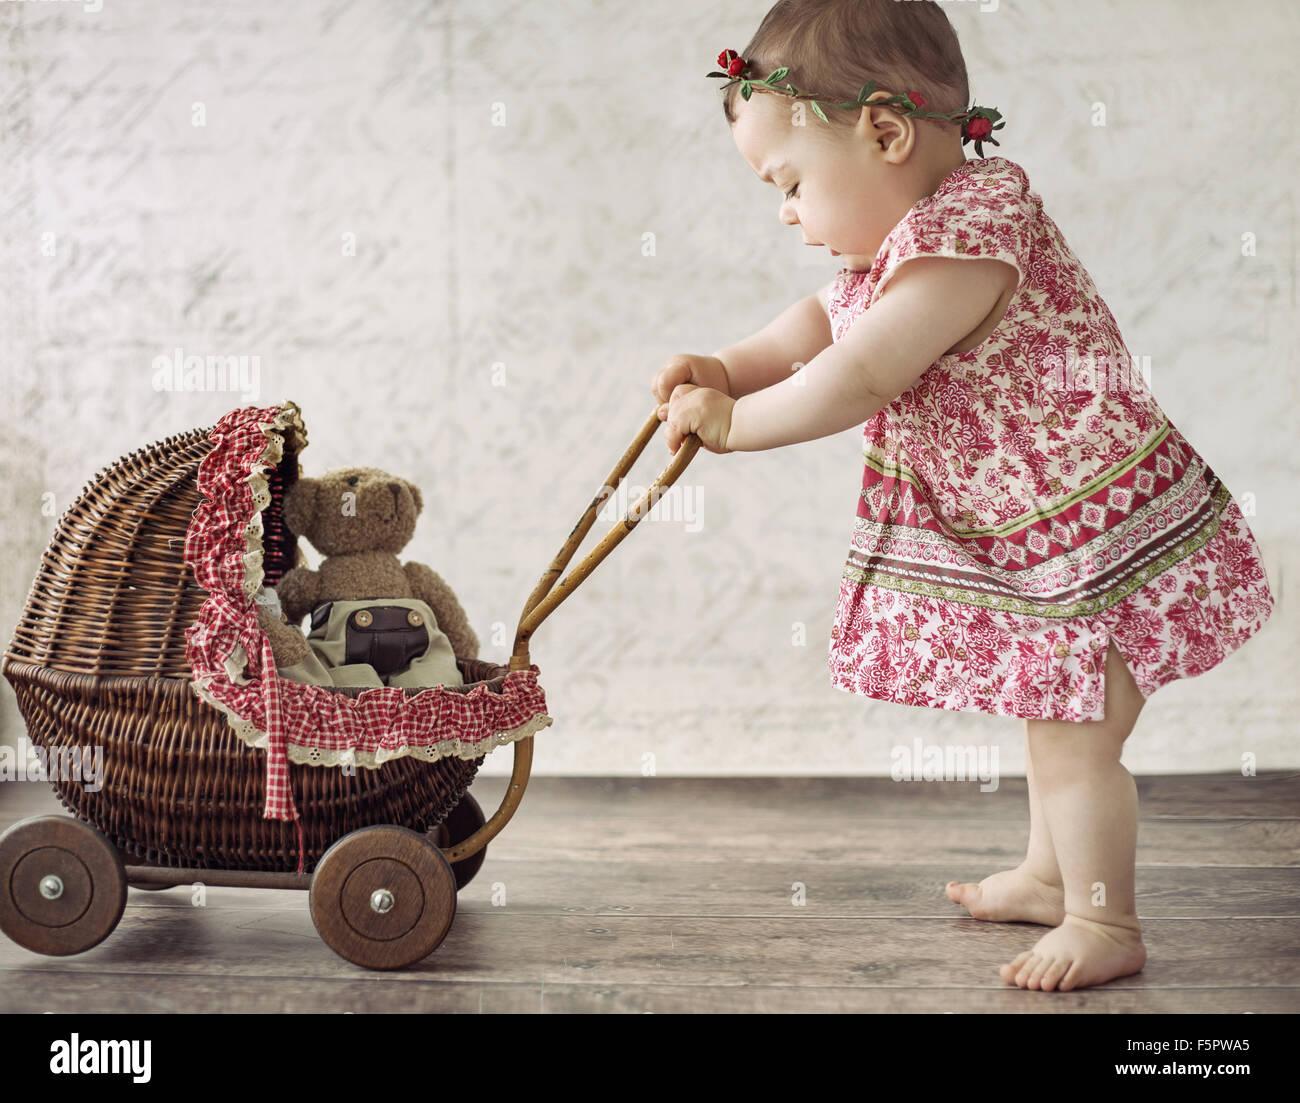 Poco Lindo Nina Jugando El Carro De Juguete Foto Imagen De Stock